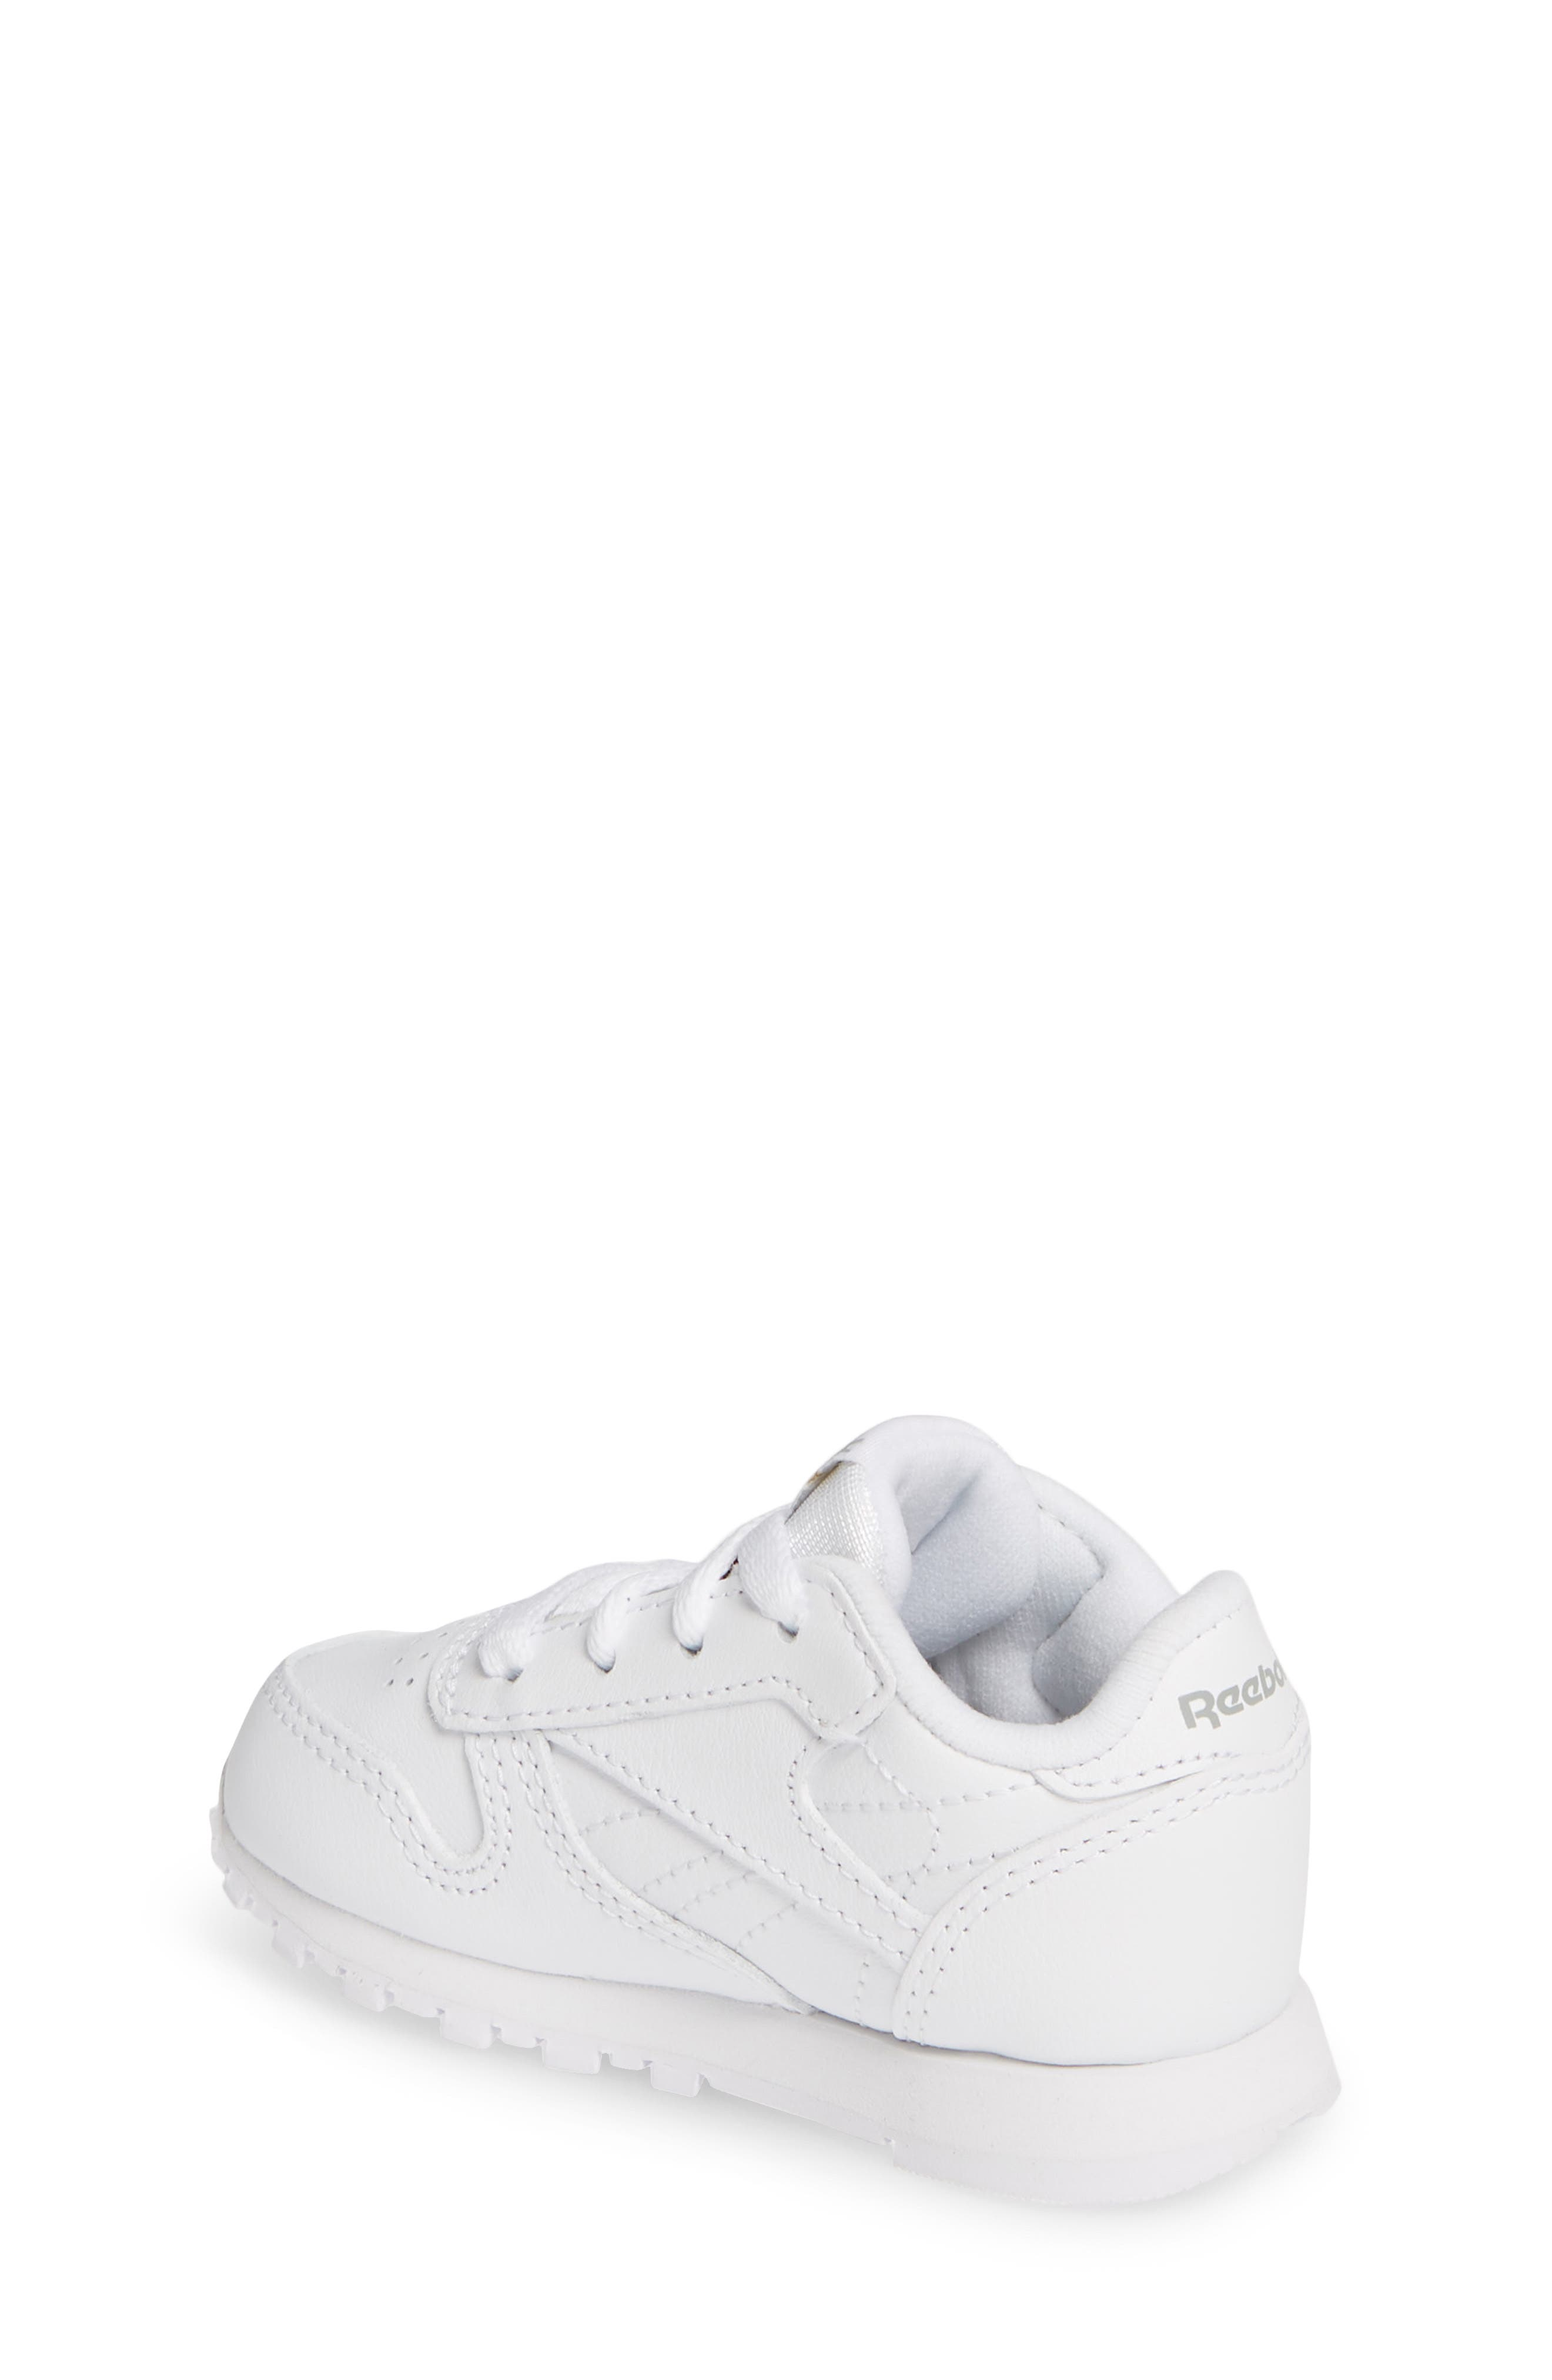 10862528db54c Reebok Shoes